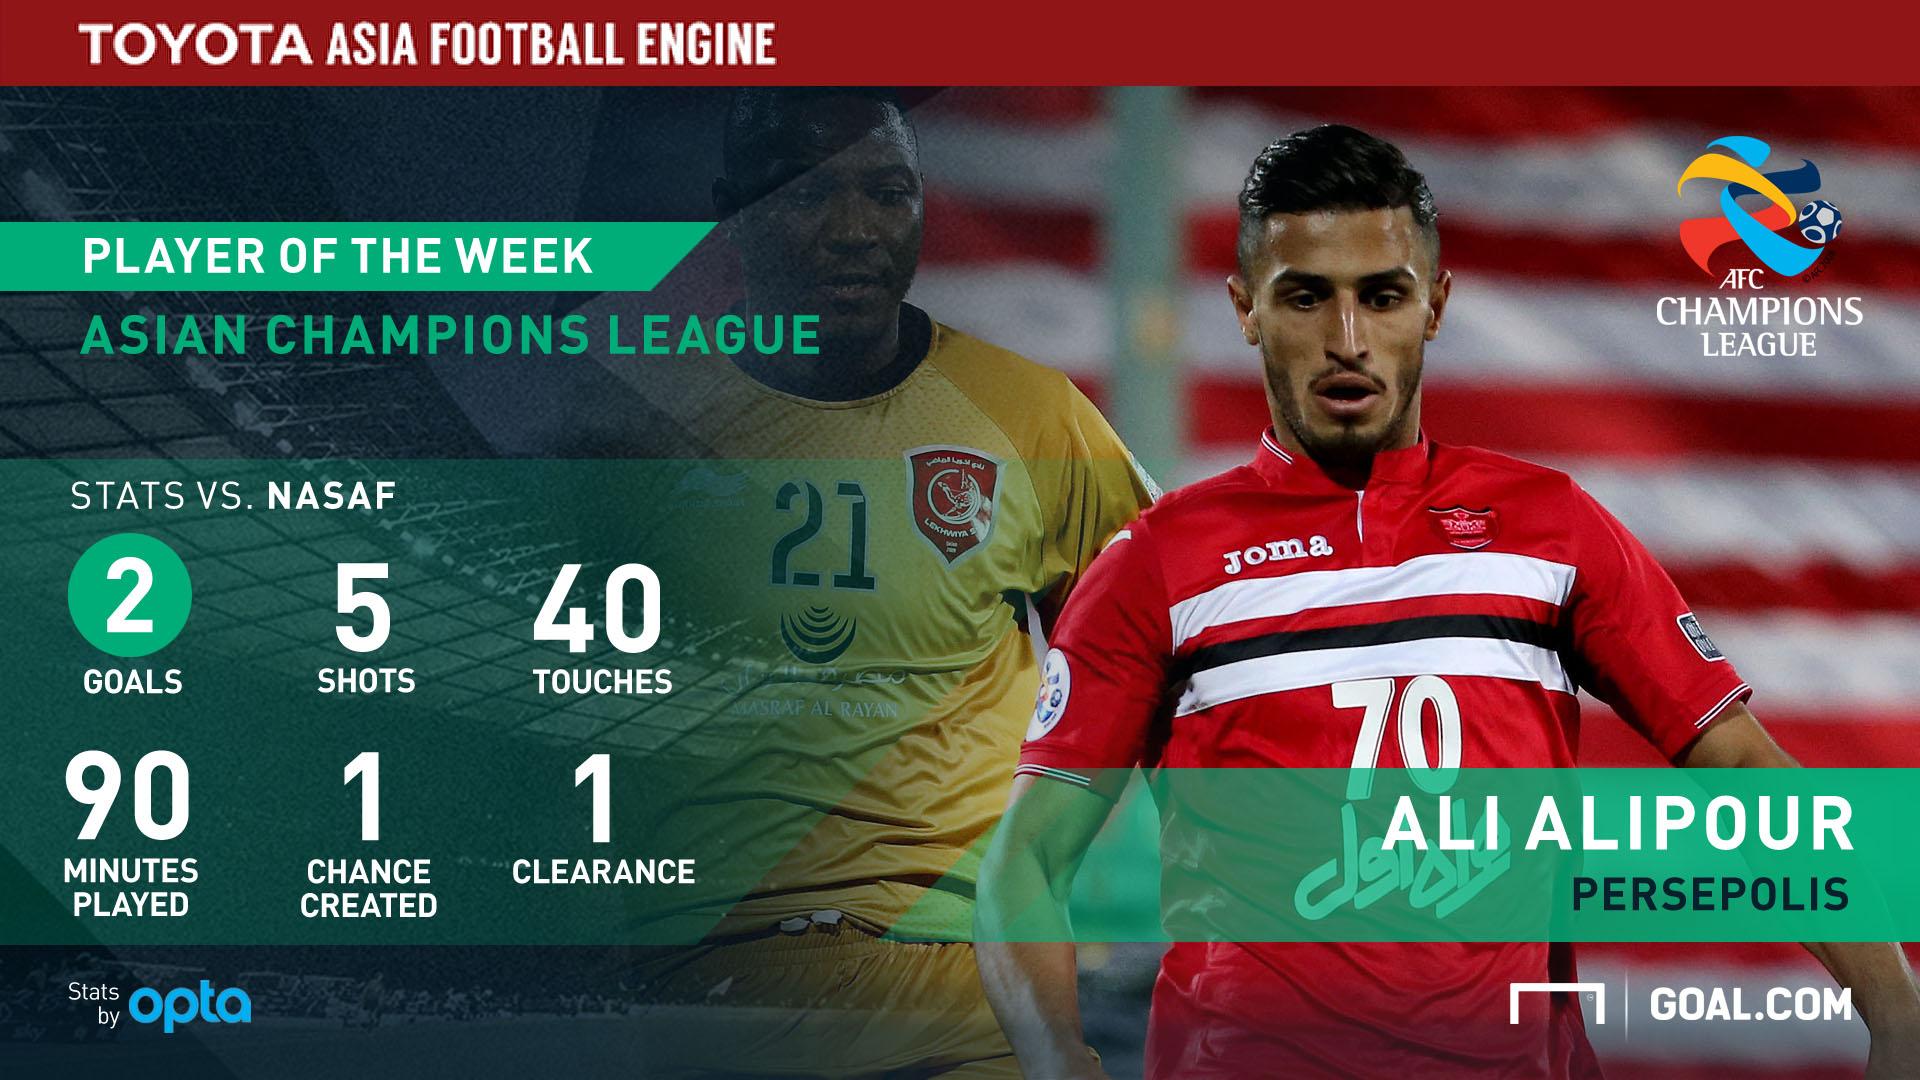 Ali Alipour GFX